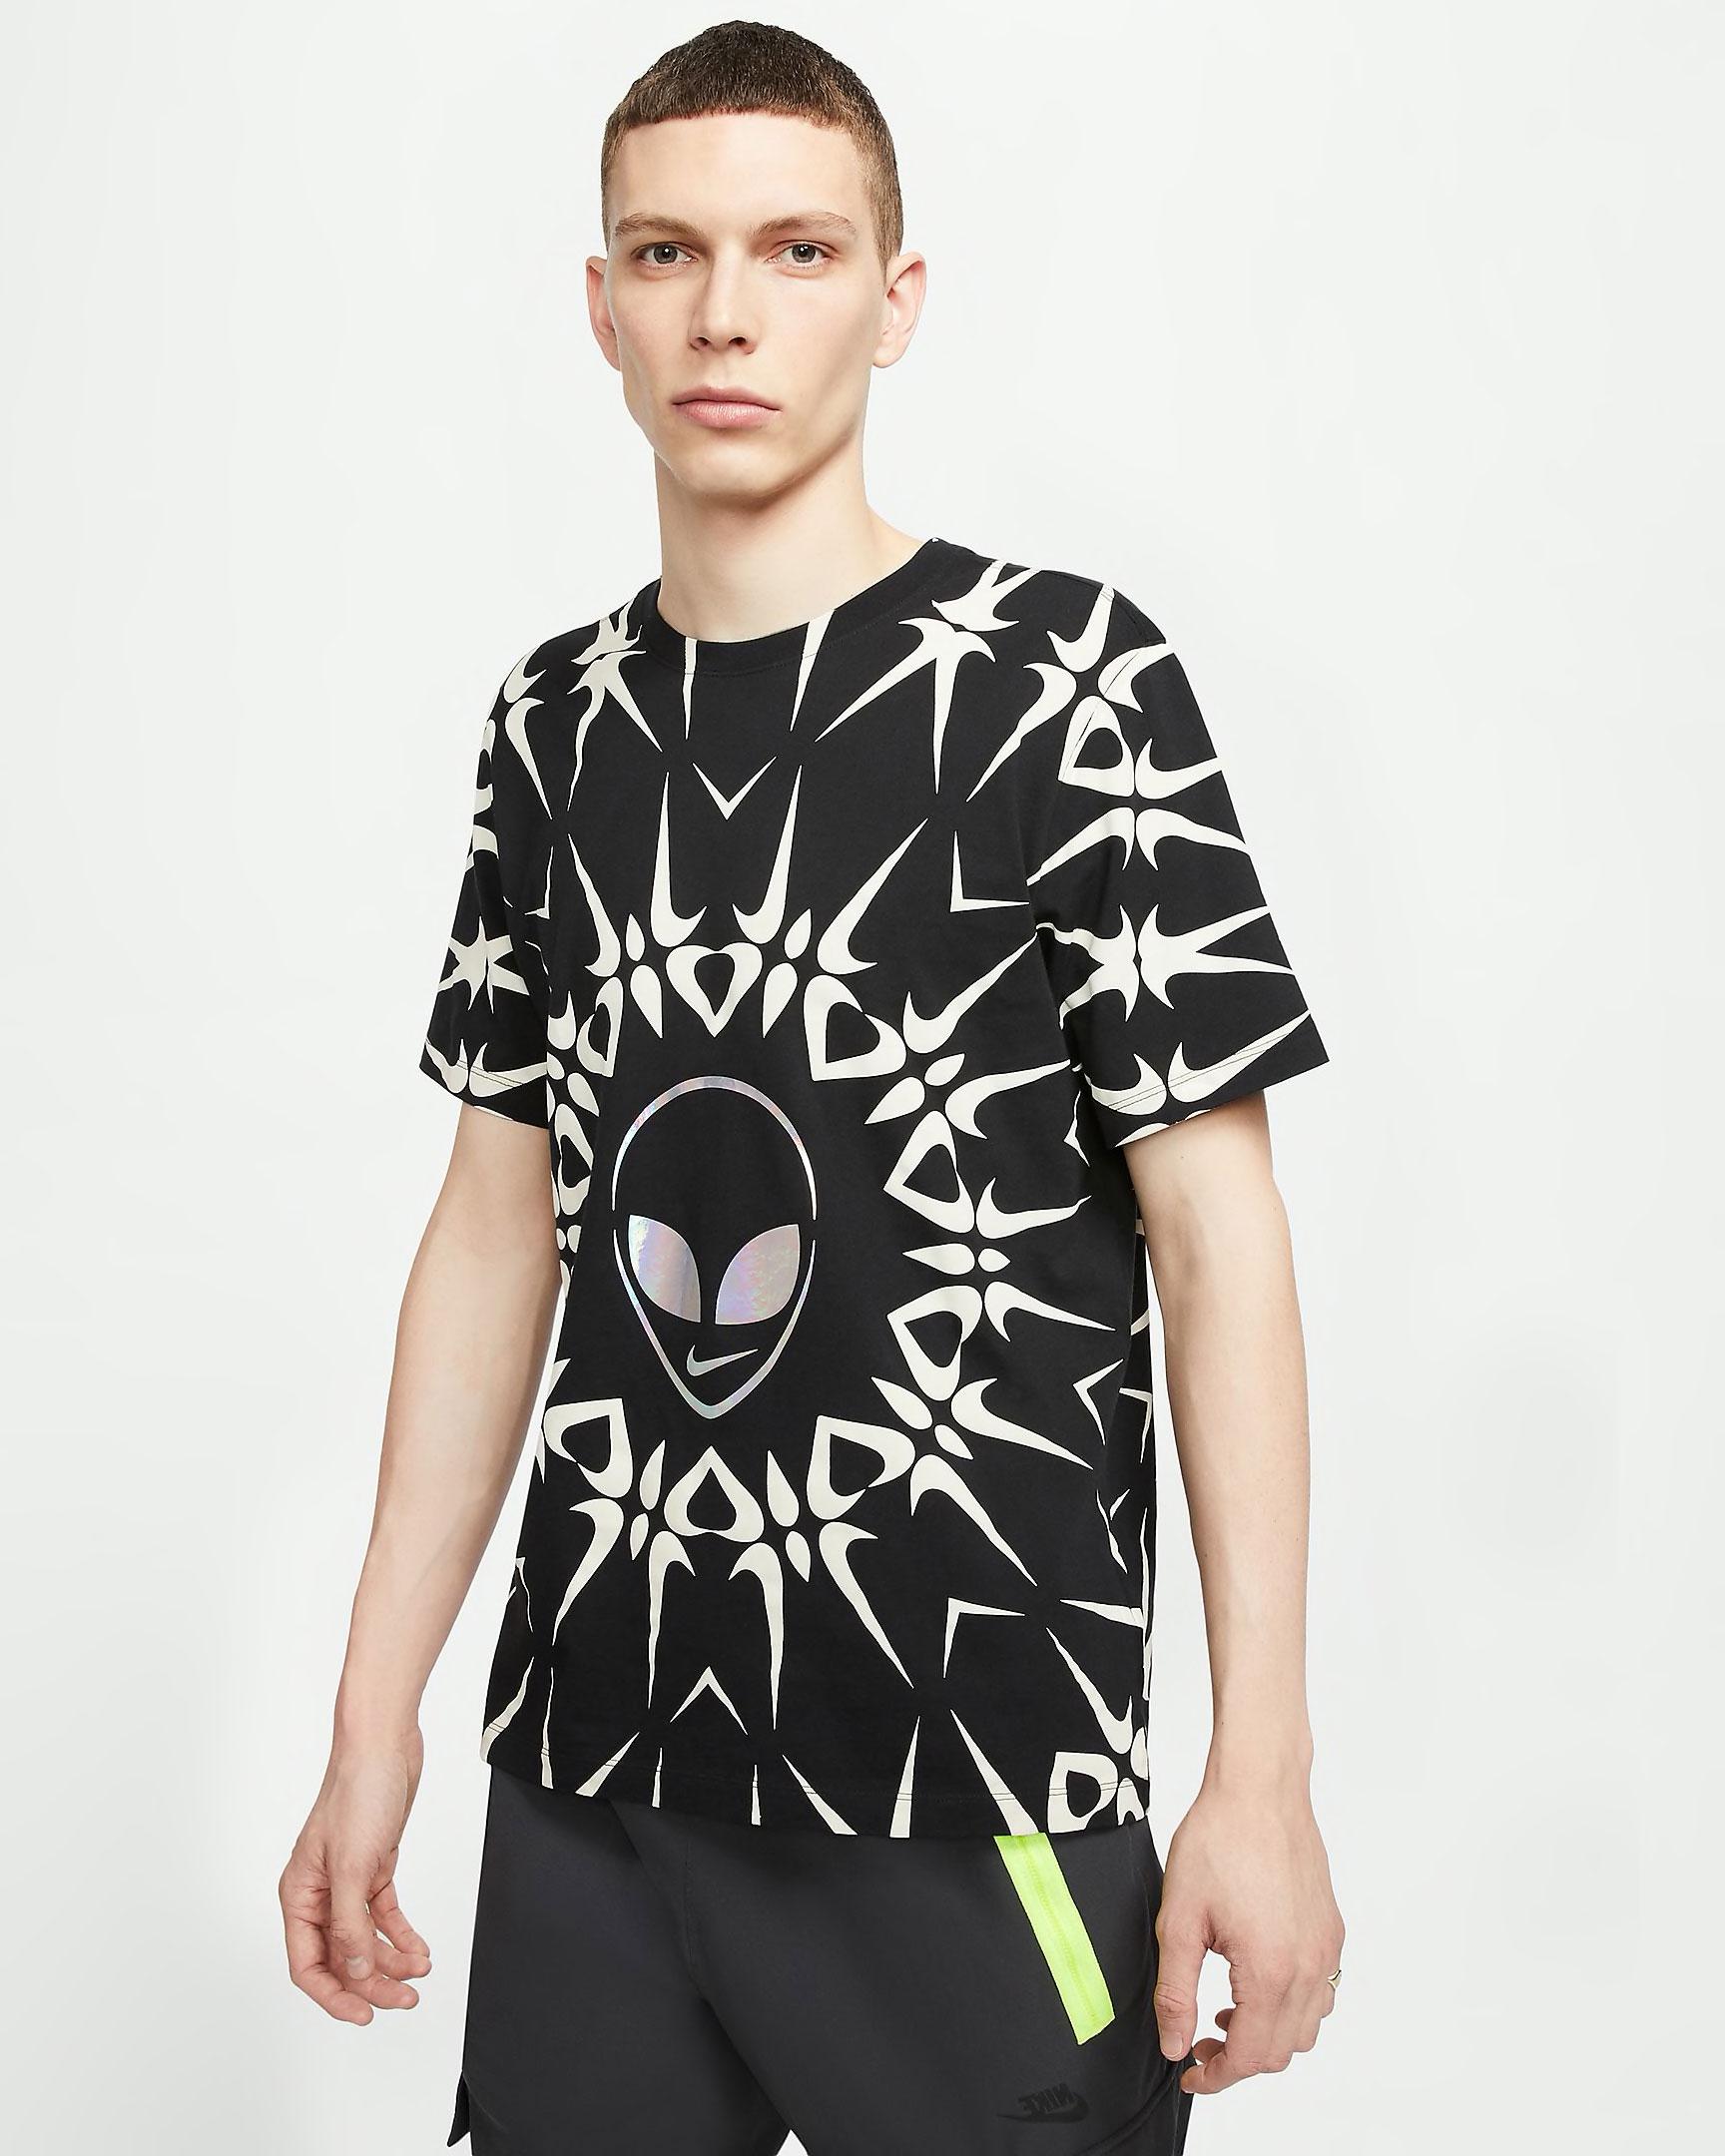 nike-air-max-95-alien-shirt-black